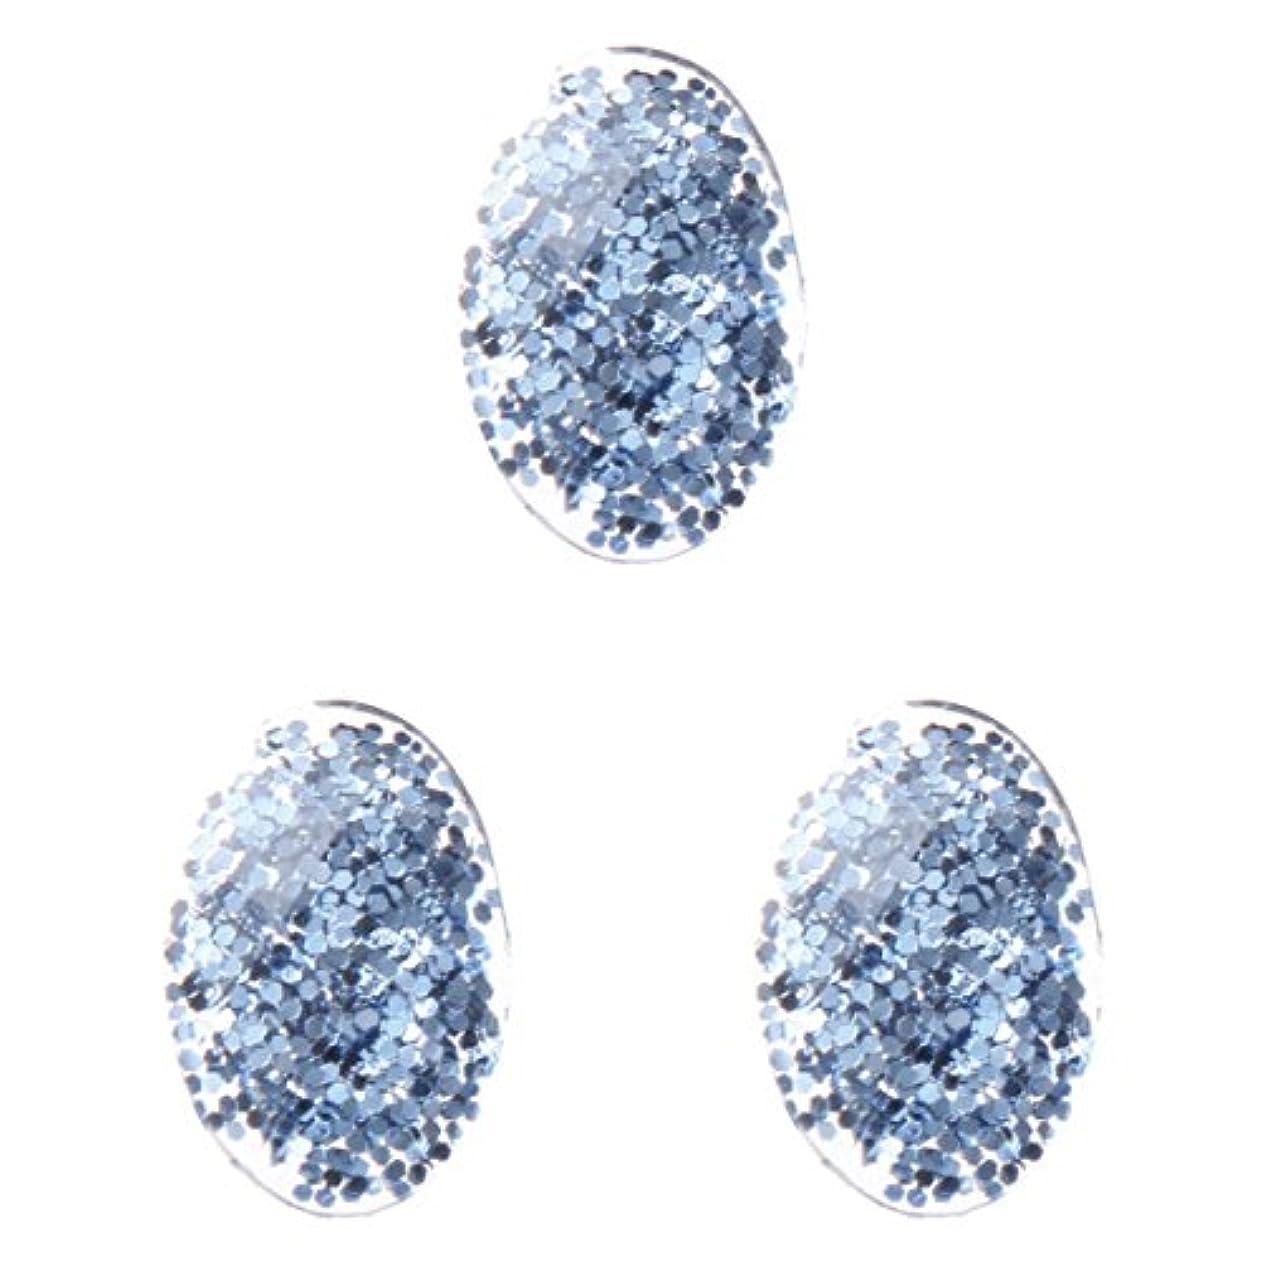 入場料関与する印象<エトゥベラ>ファンタジーストーン オーバル3×5mm(各30個) ブルー(3x5mm)